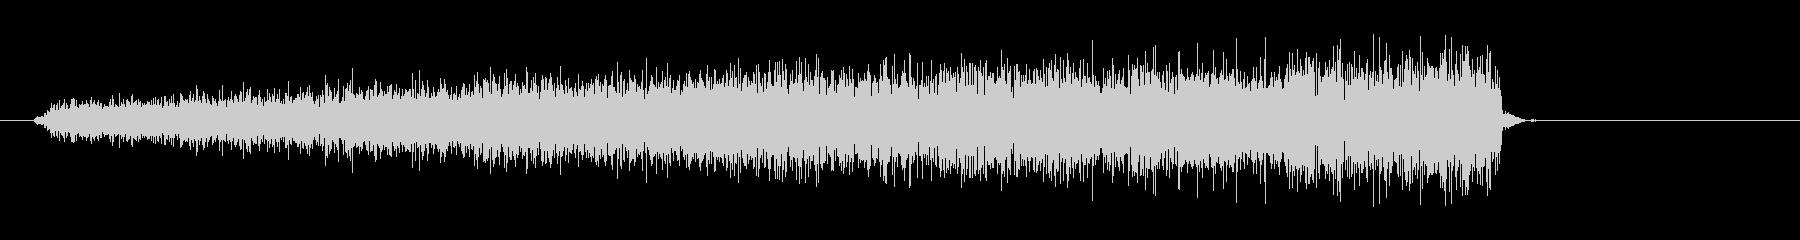 シューーッという蒸気の音の未再生の波形